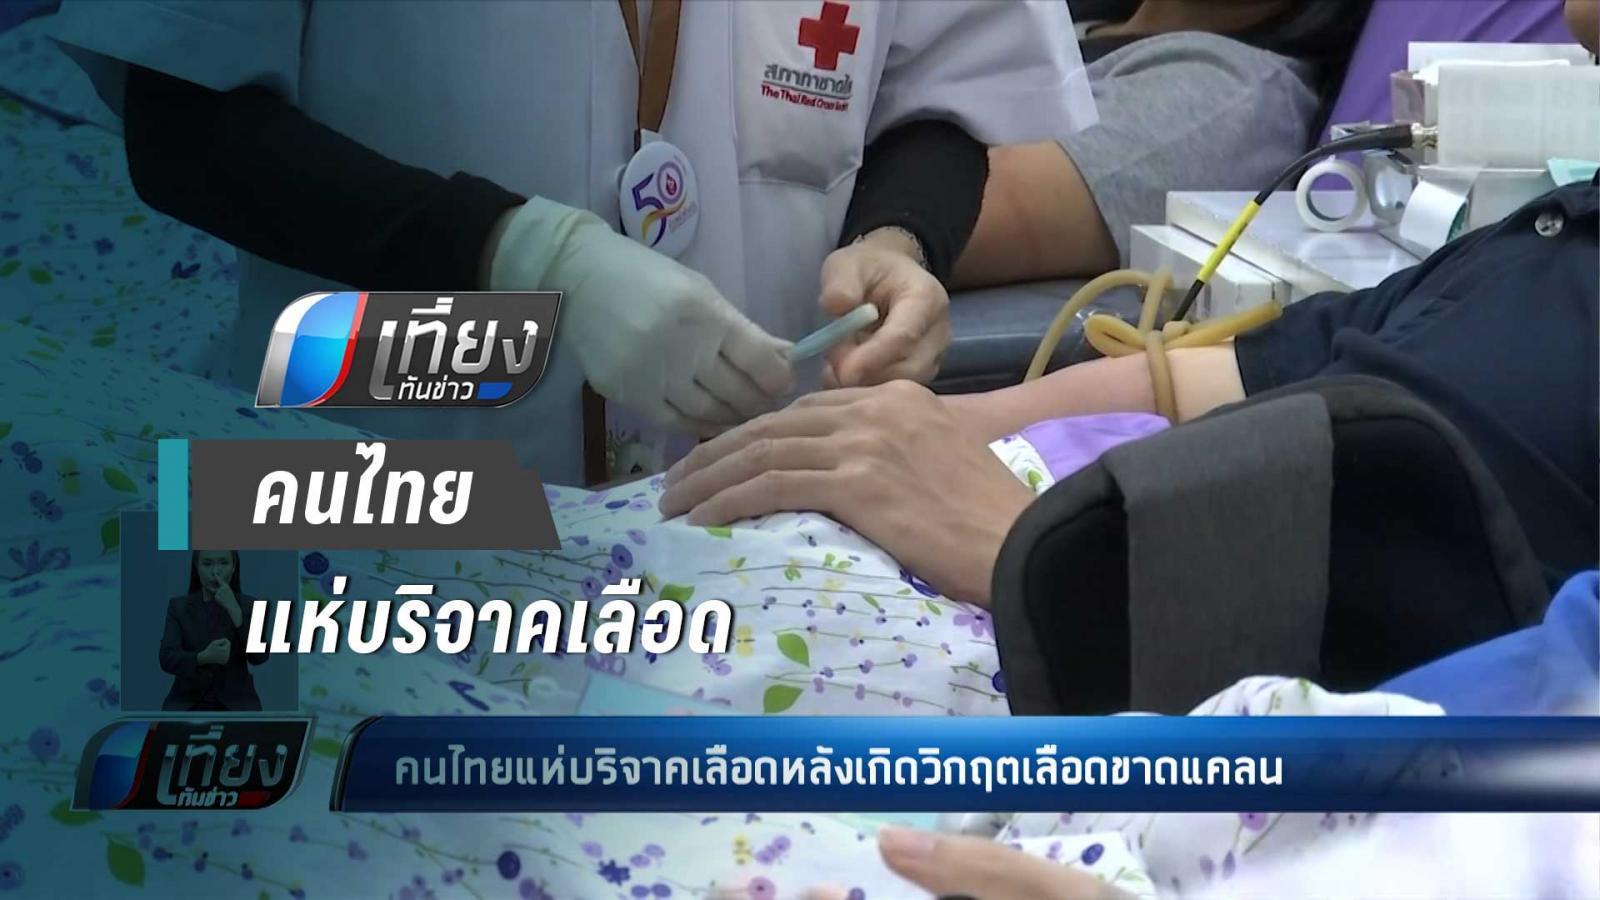 คนไทยแห่บริจาคเลือดหลังเกิดวิกฤตเลือดขาดแคลน